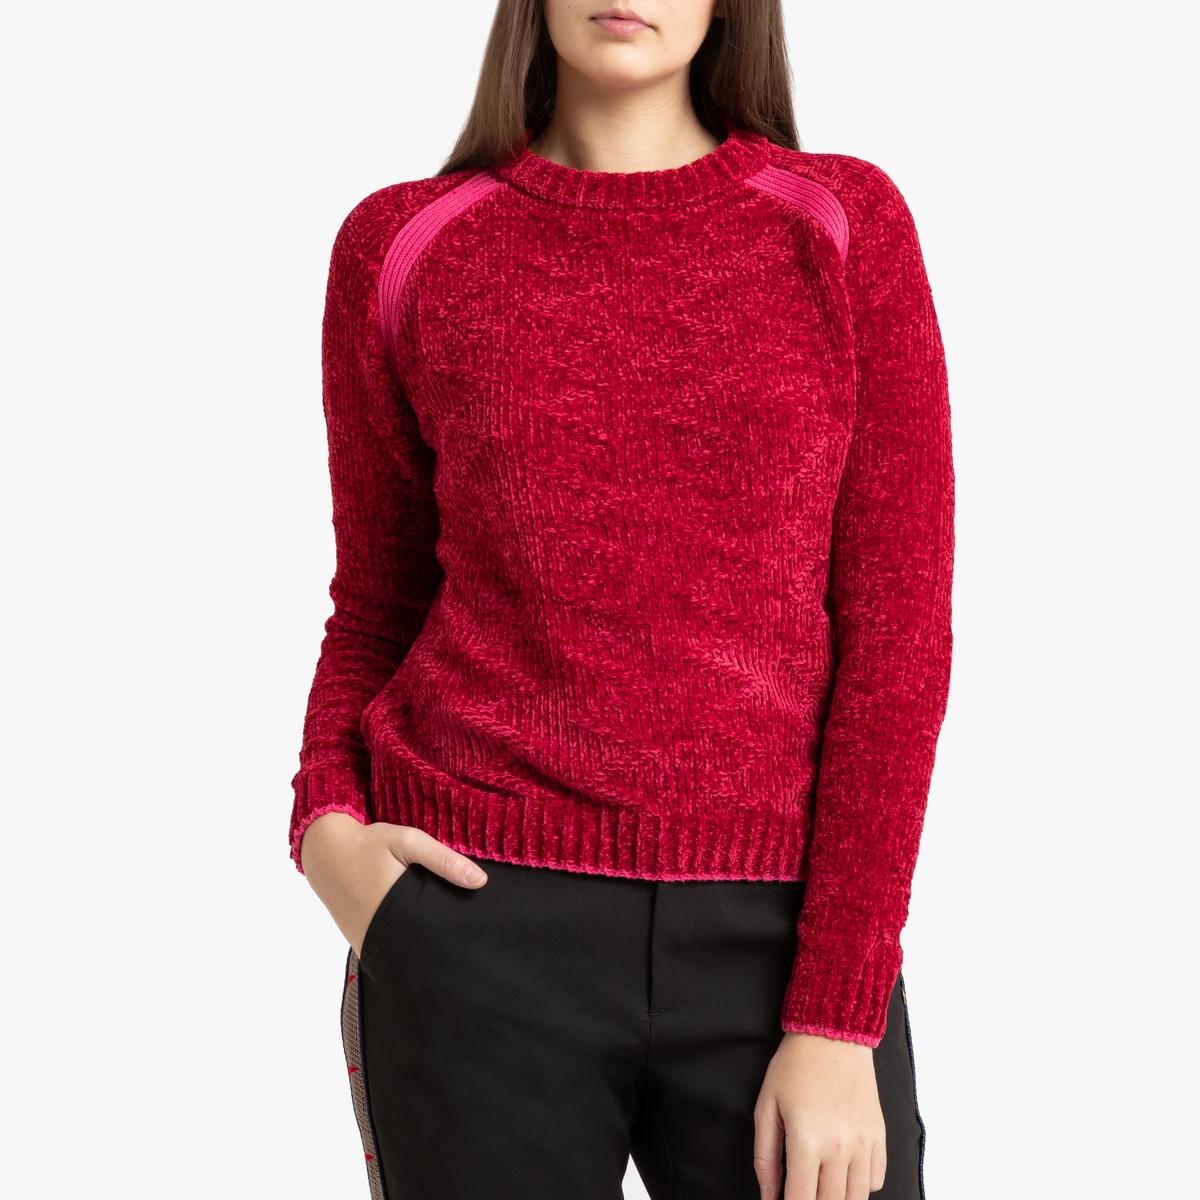 Пуловер La Redoute С круглым вырезом из тонкого трикотажа M красный пуловер la redoute с круглым вырезом из тонкого трикотажа m красный